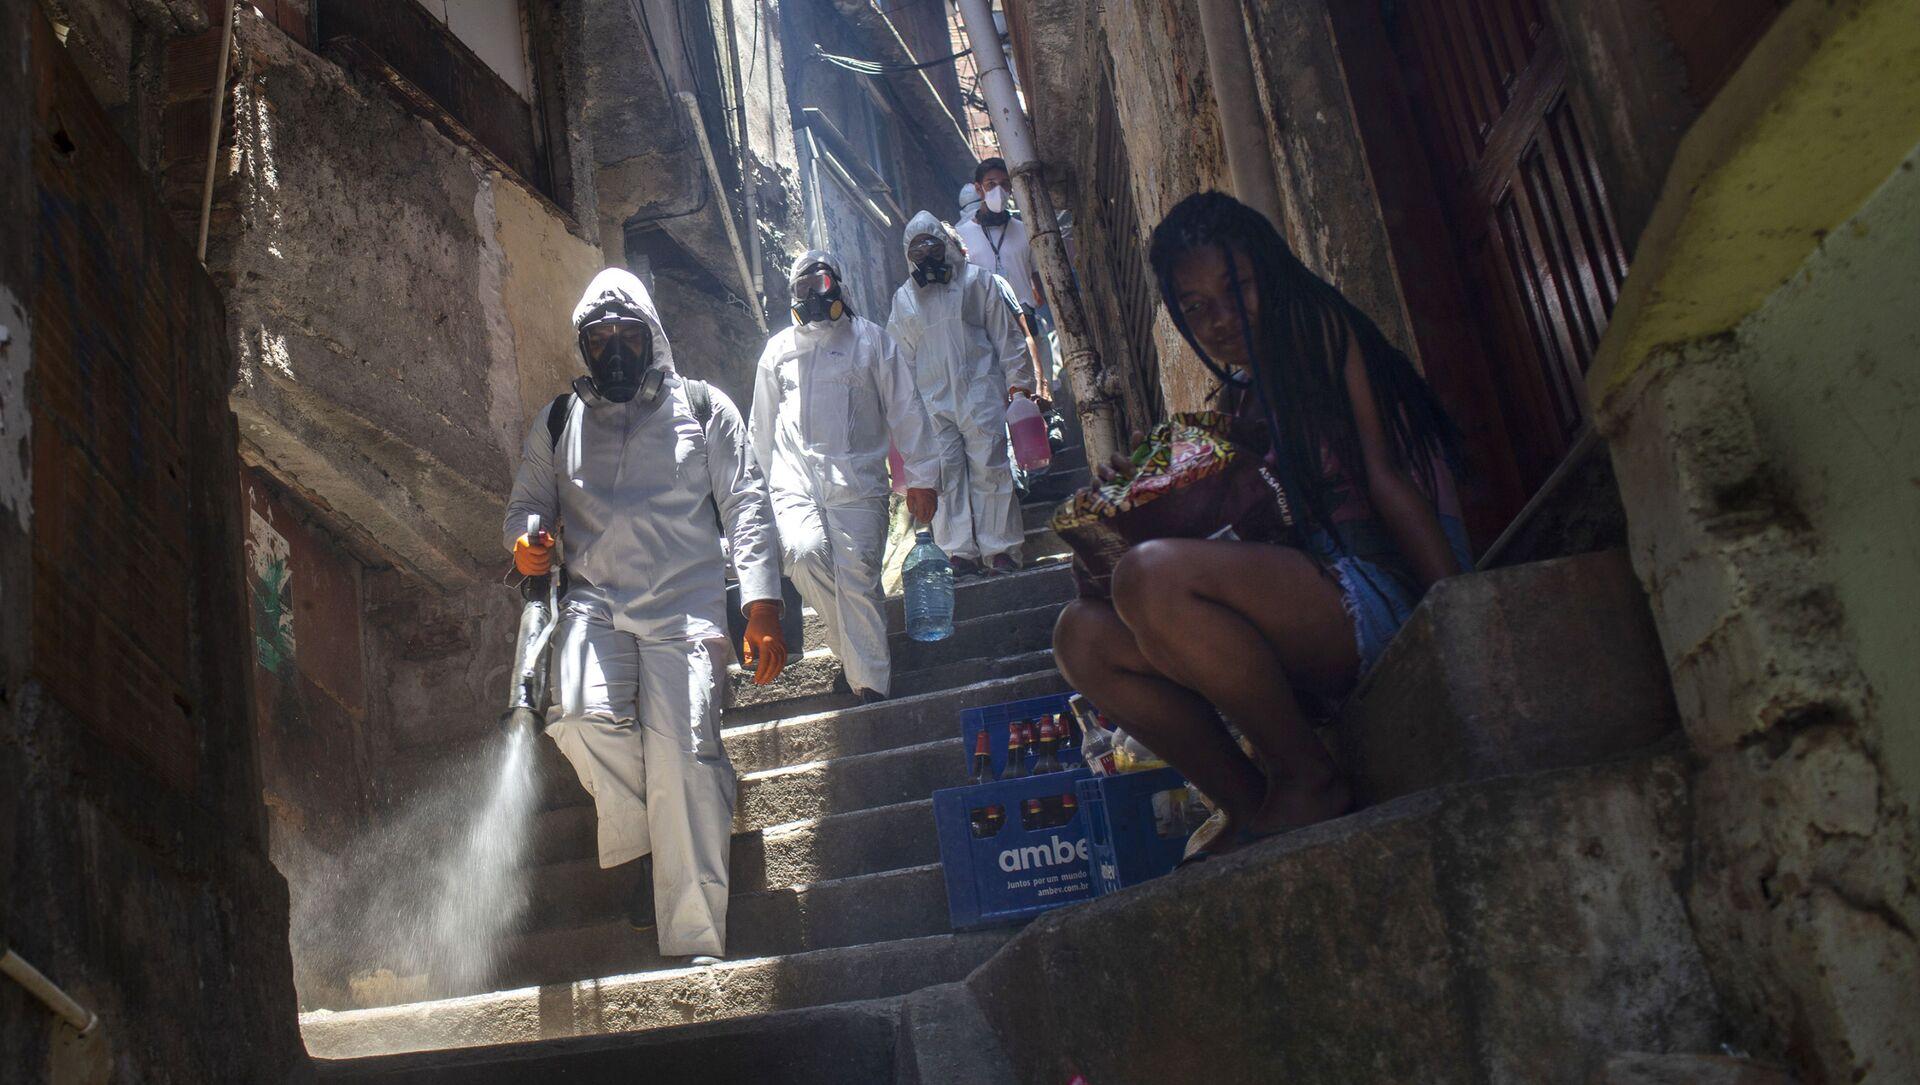 Волонтеры во время дезинфекции переулков в трущобах Санта-Марта в Рио-де-Жанейро, Бразилия - Sputnik 日本, 1920, 24.06.2021